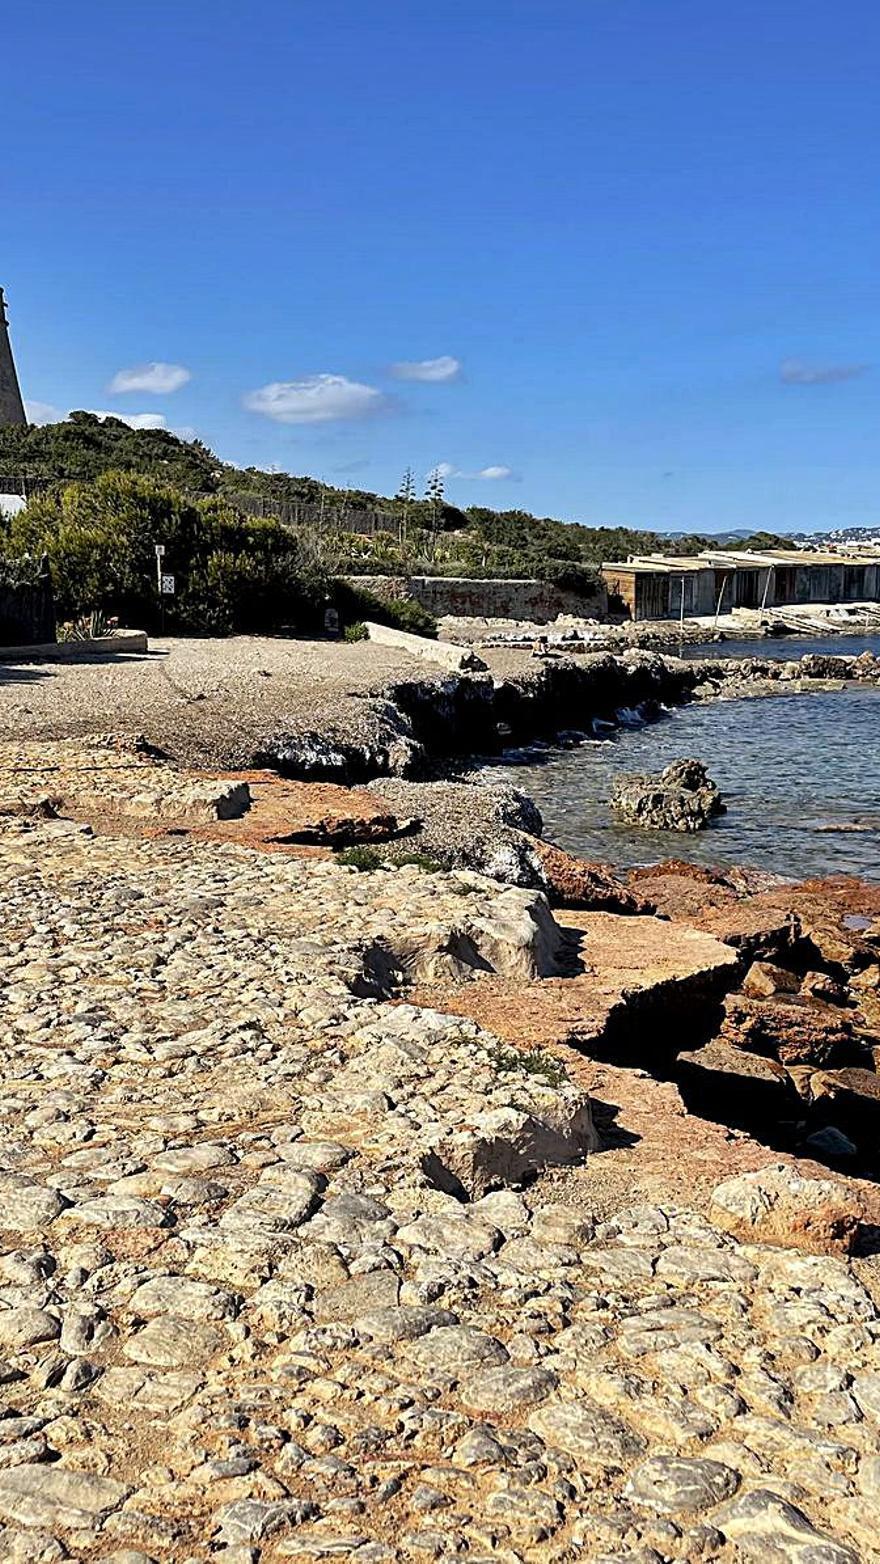 La xanga, puerto de sal y atunes